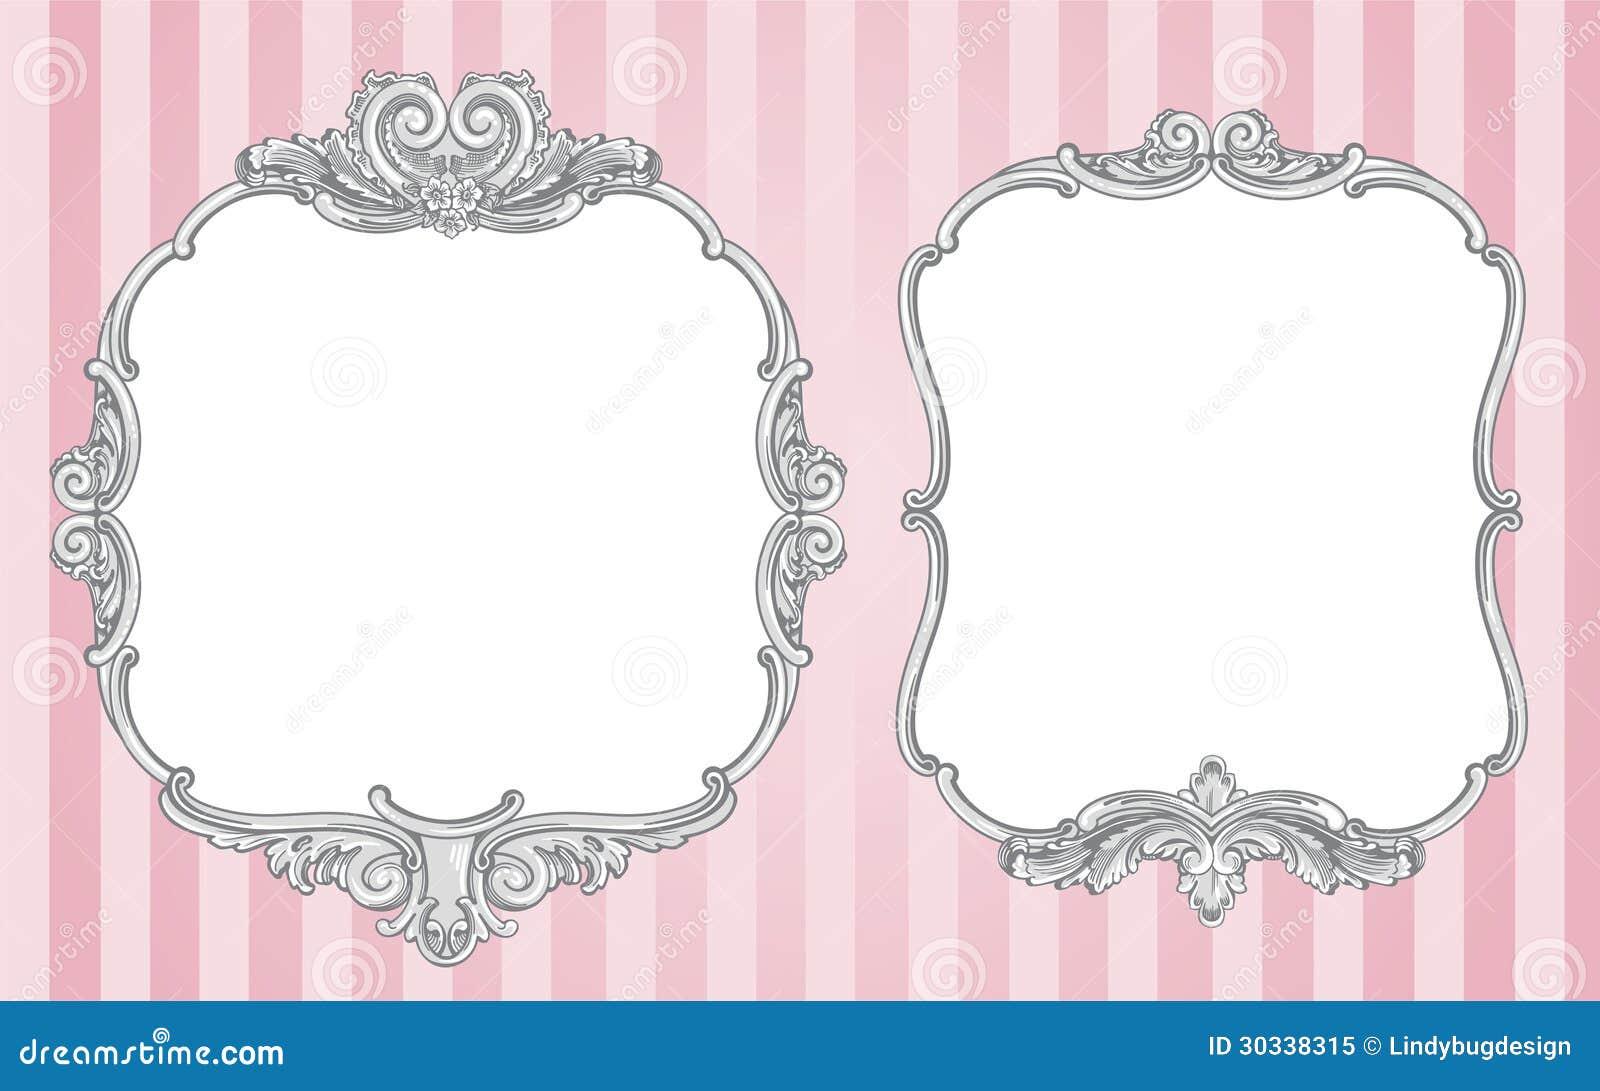 Ornate vintage frames stock vector. Illustration of marriage - 30338315